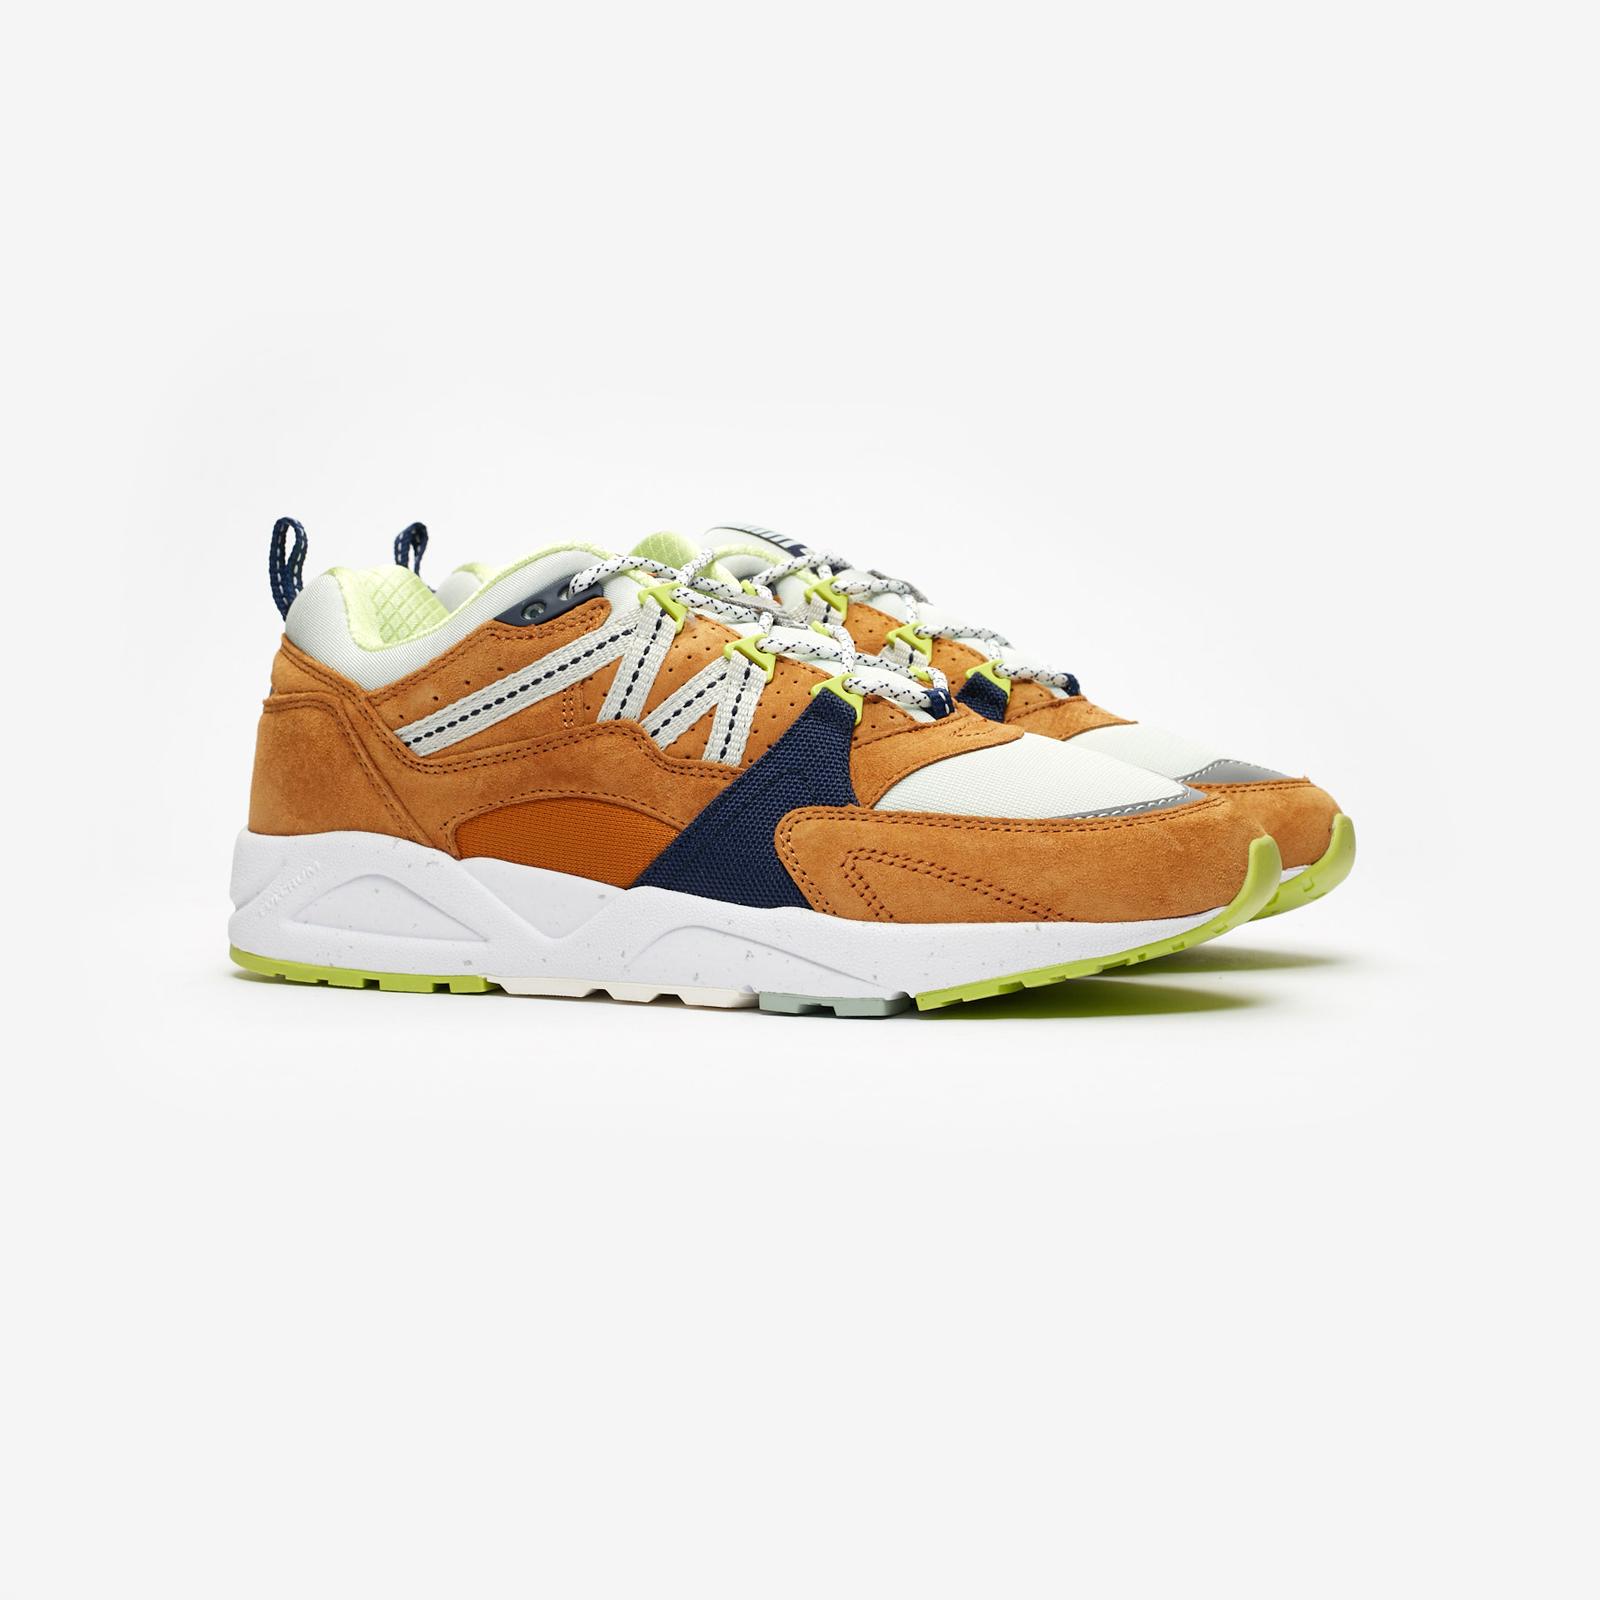 hot sale online 74296 ee084 Karhu Fusion 2.0 - F804046 - Sneakersnstuff   sneakers ...